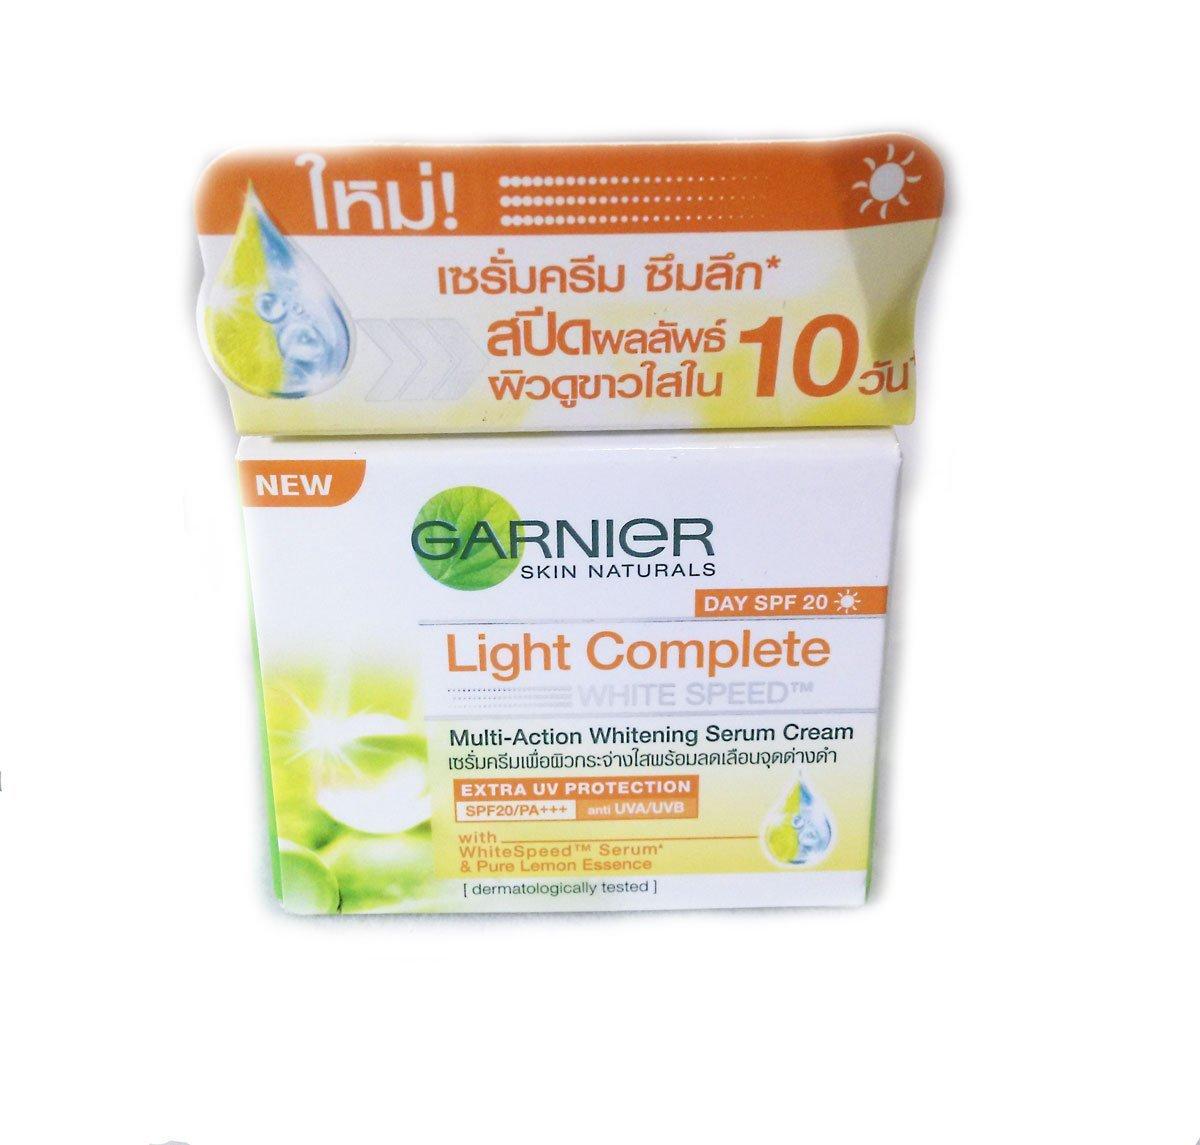 Garnier Light Complete White Speed Day Serum Cream Uvauvb 40 Ml 20 Gr Multi Action Whitening Net Wt 18